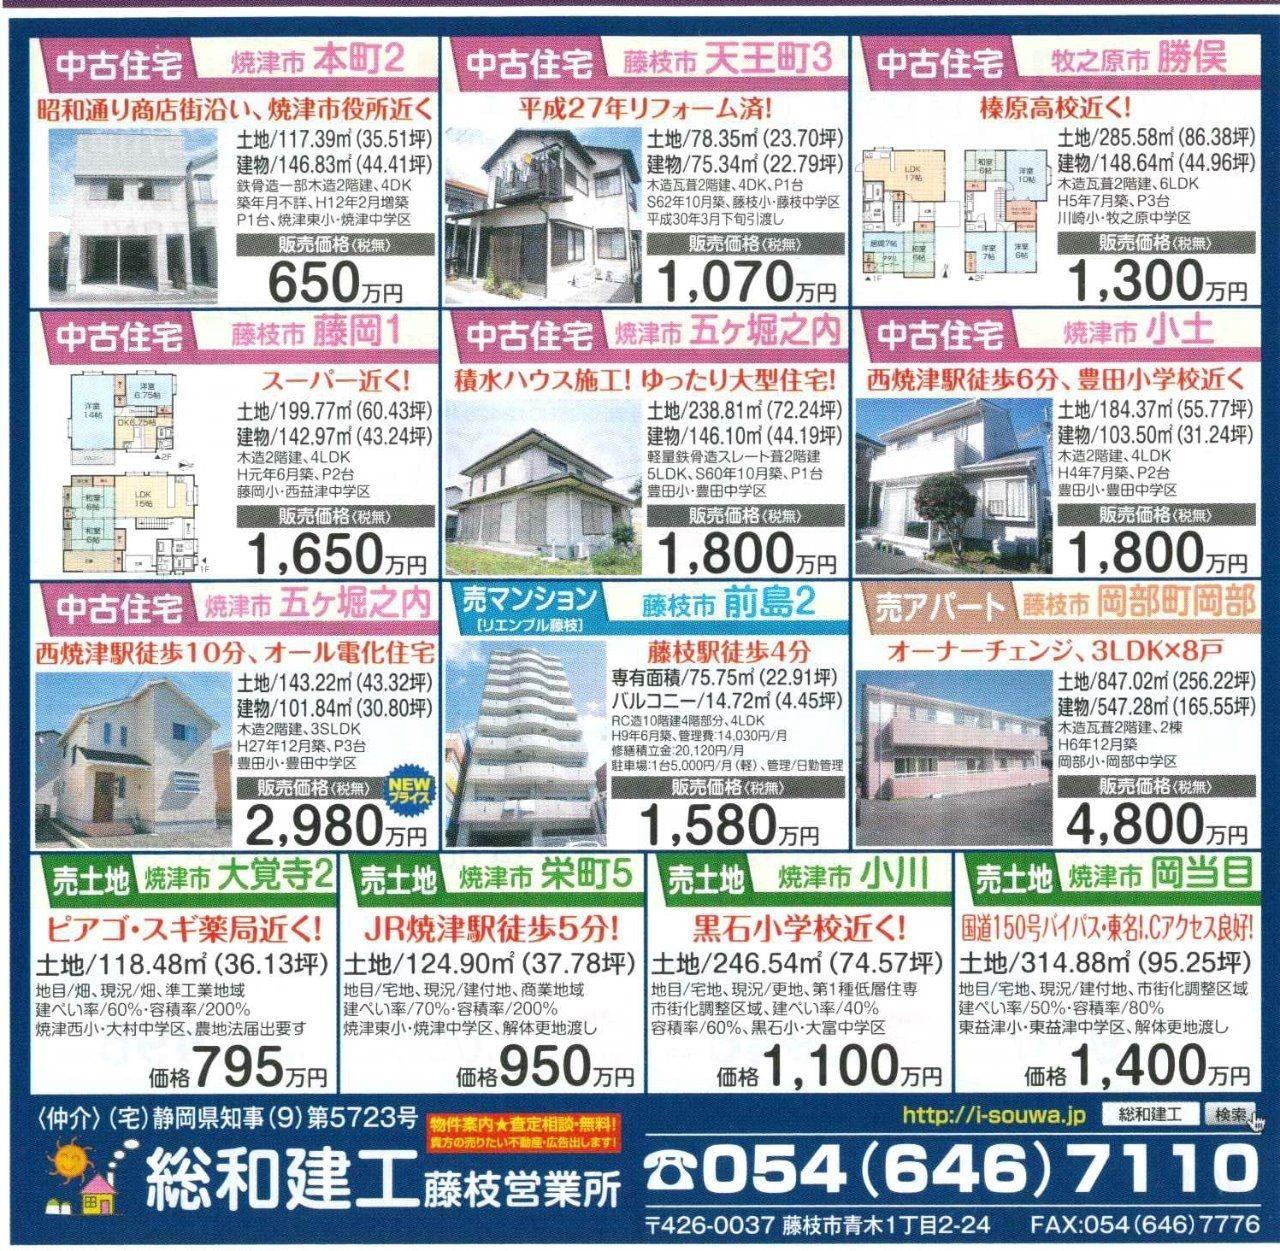 2月2日 折込広告掲載